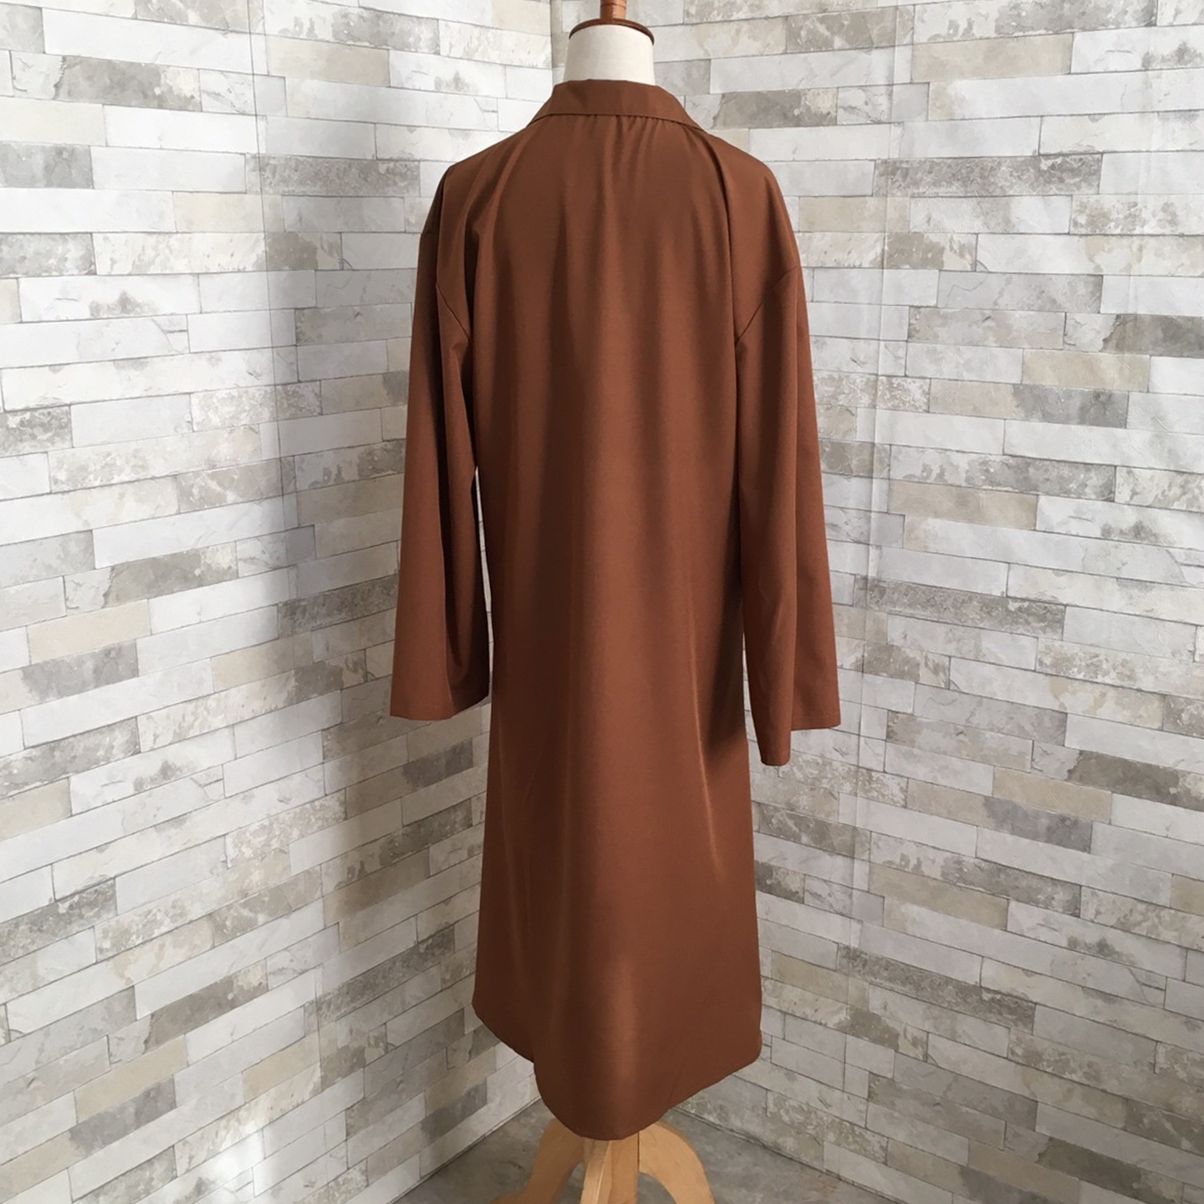 韓国 ファッション ワンピース 春 秋 冬 カジュアル PTXH835  テーラード 七分袖 ゆったり オフィス 休日 オルチャン シンプル 定番 セレカジの写真13枚目